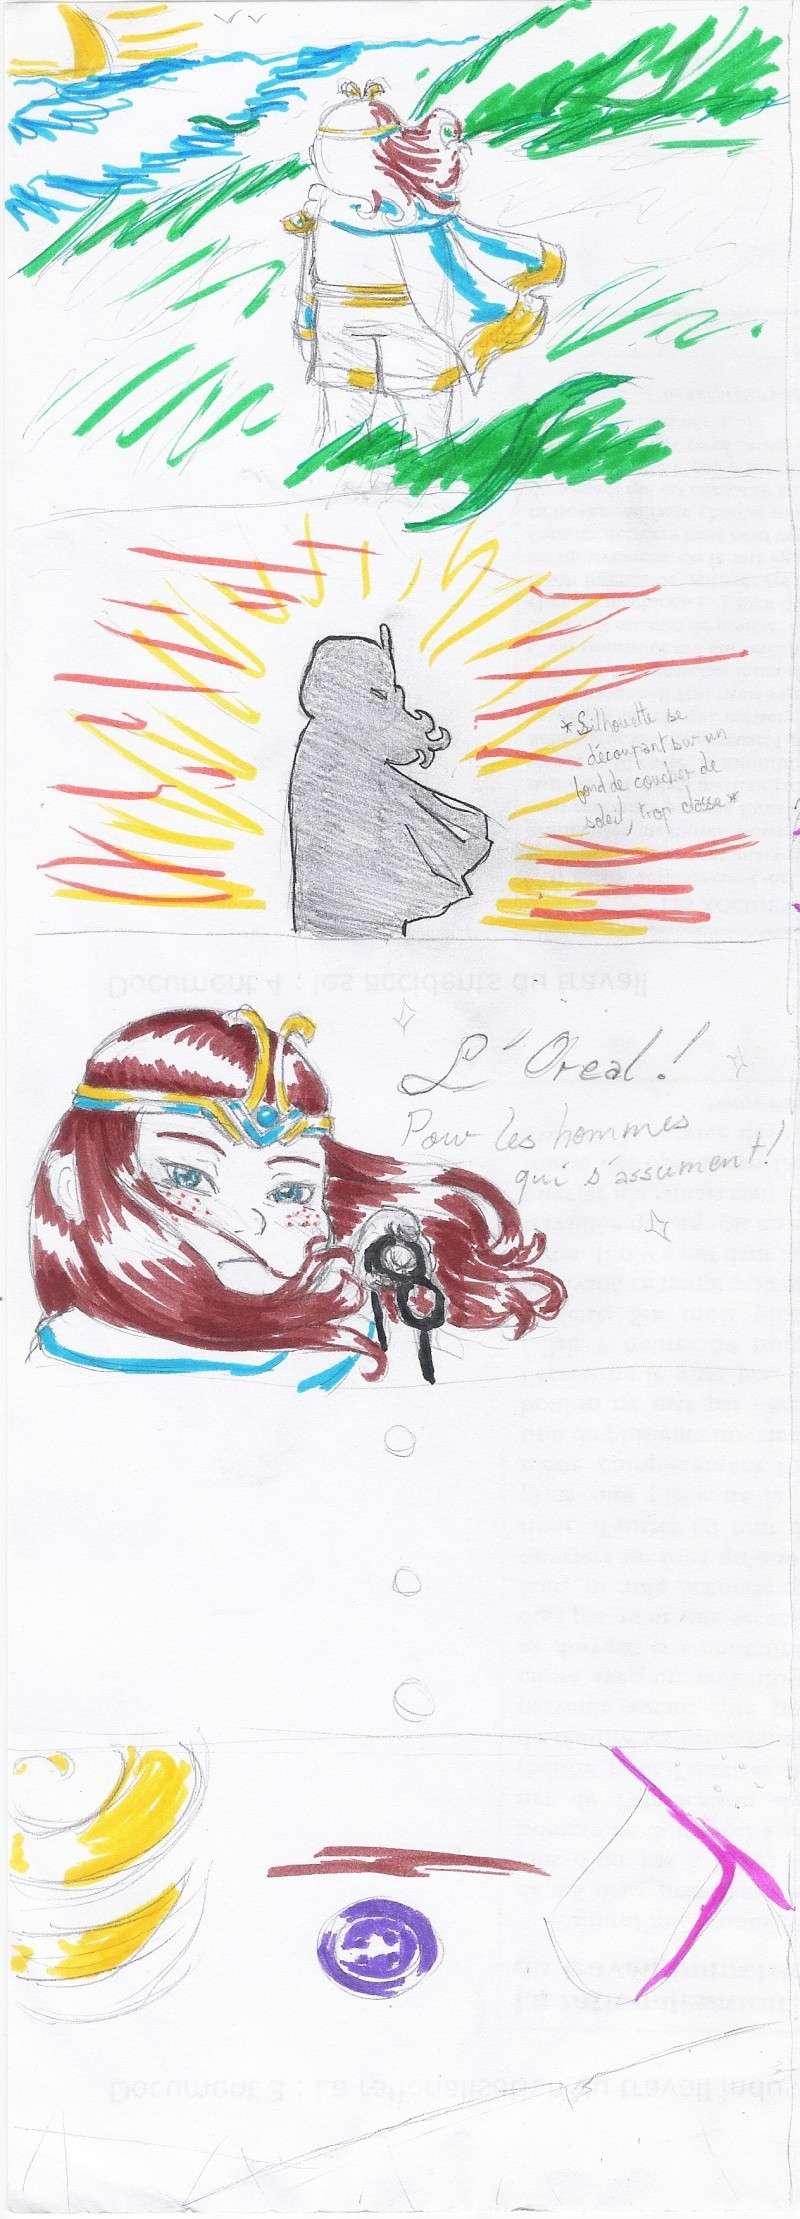 heuuu, je crois que ce sont mes dessins, de Moyo.... - Page 13 Loreal10